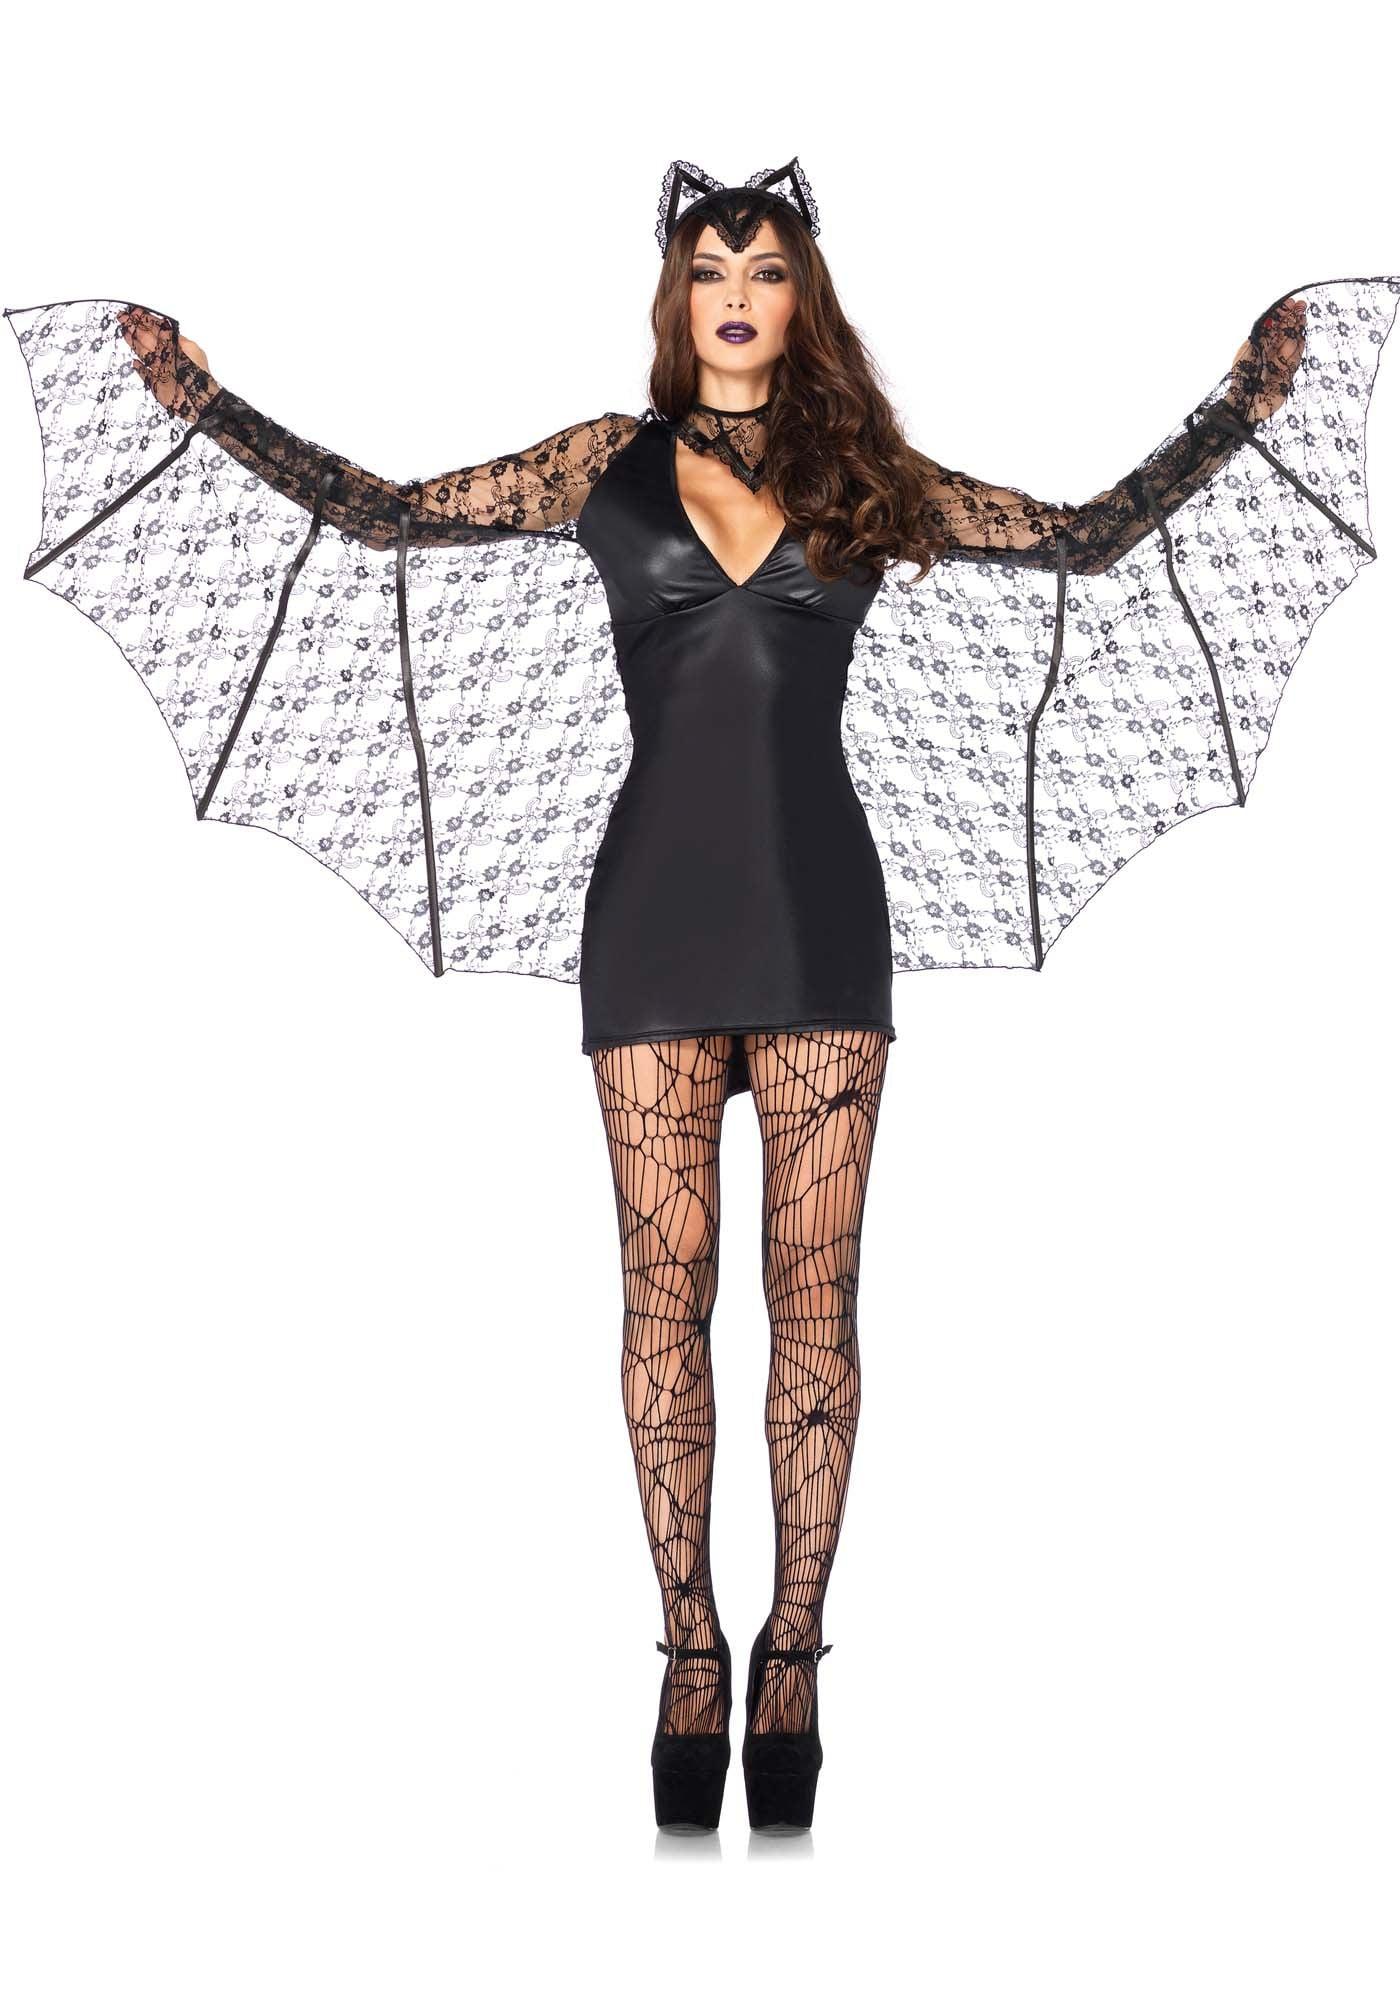 Sexy Vleermuisjurk Lederlook Vrouw